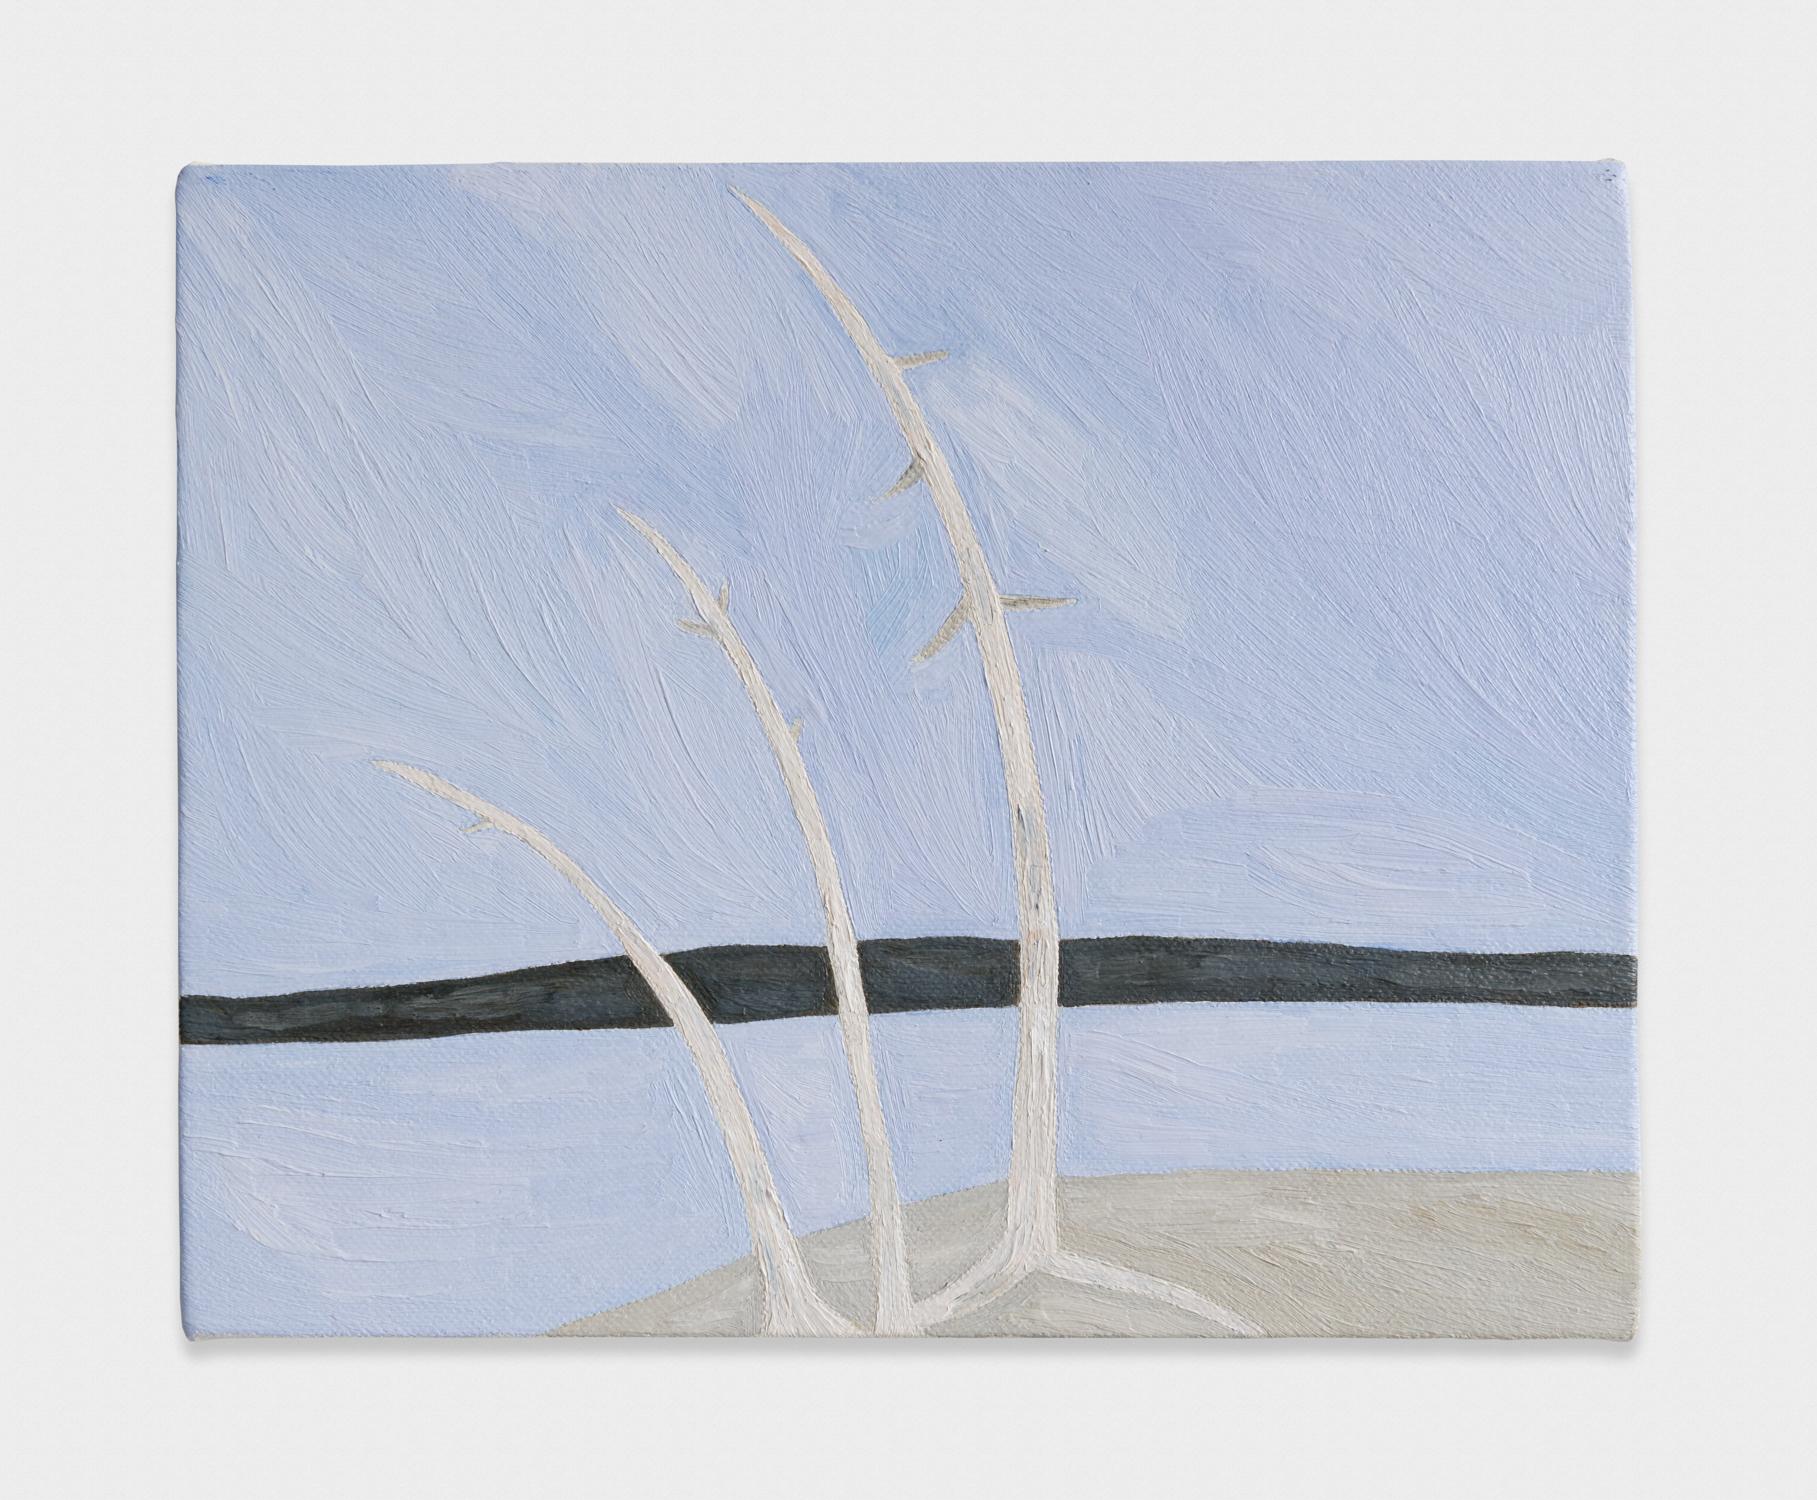 Yuko Murata  three trees  2013 Oil on canvas 8 ⅔h x 10 ⅘w in YukoM002